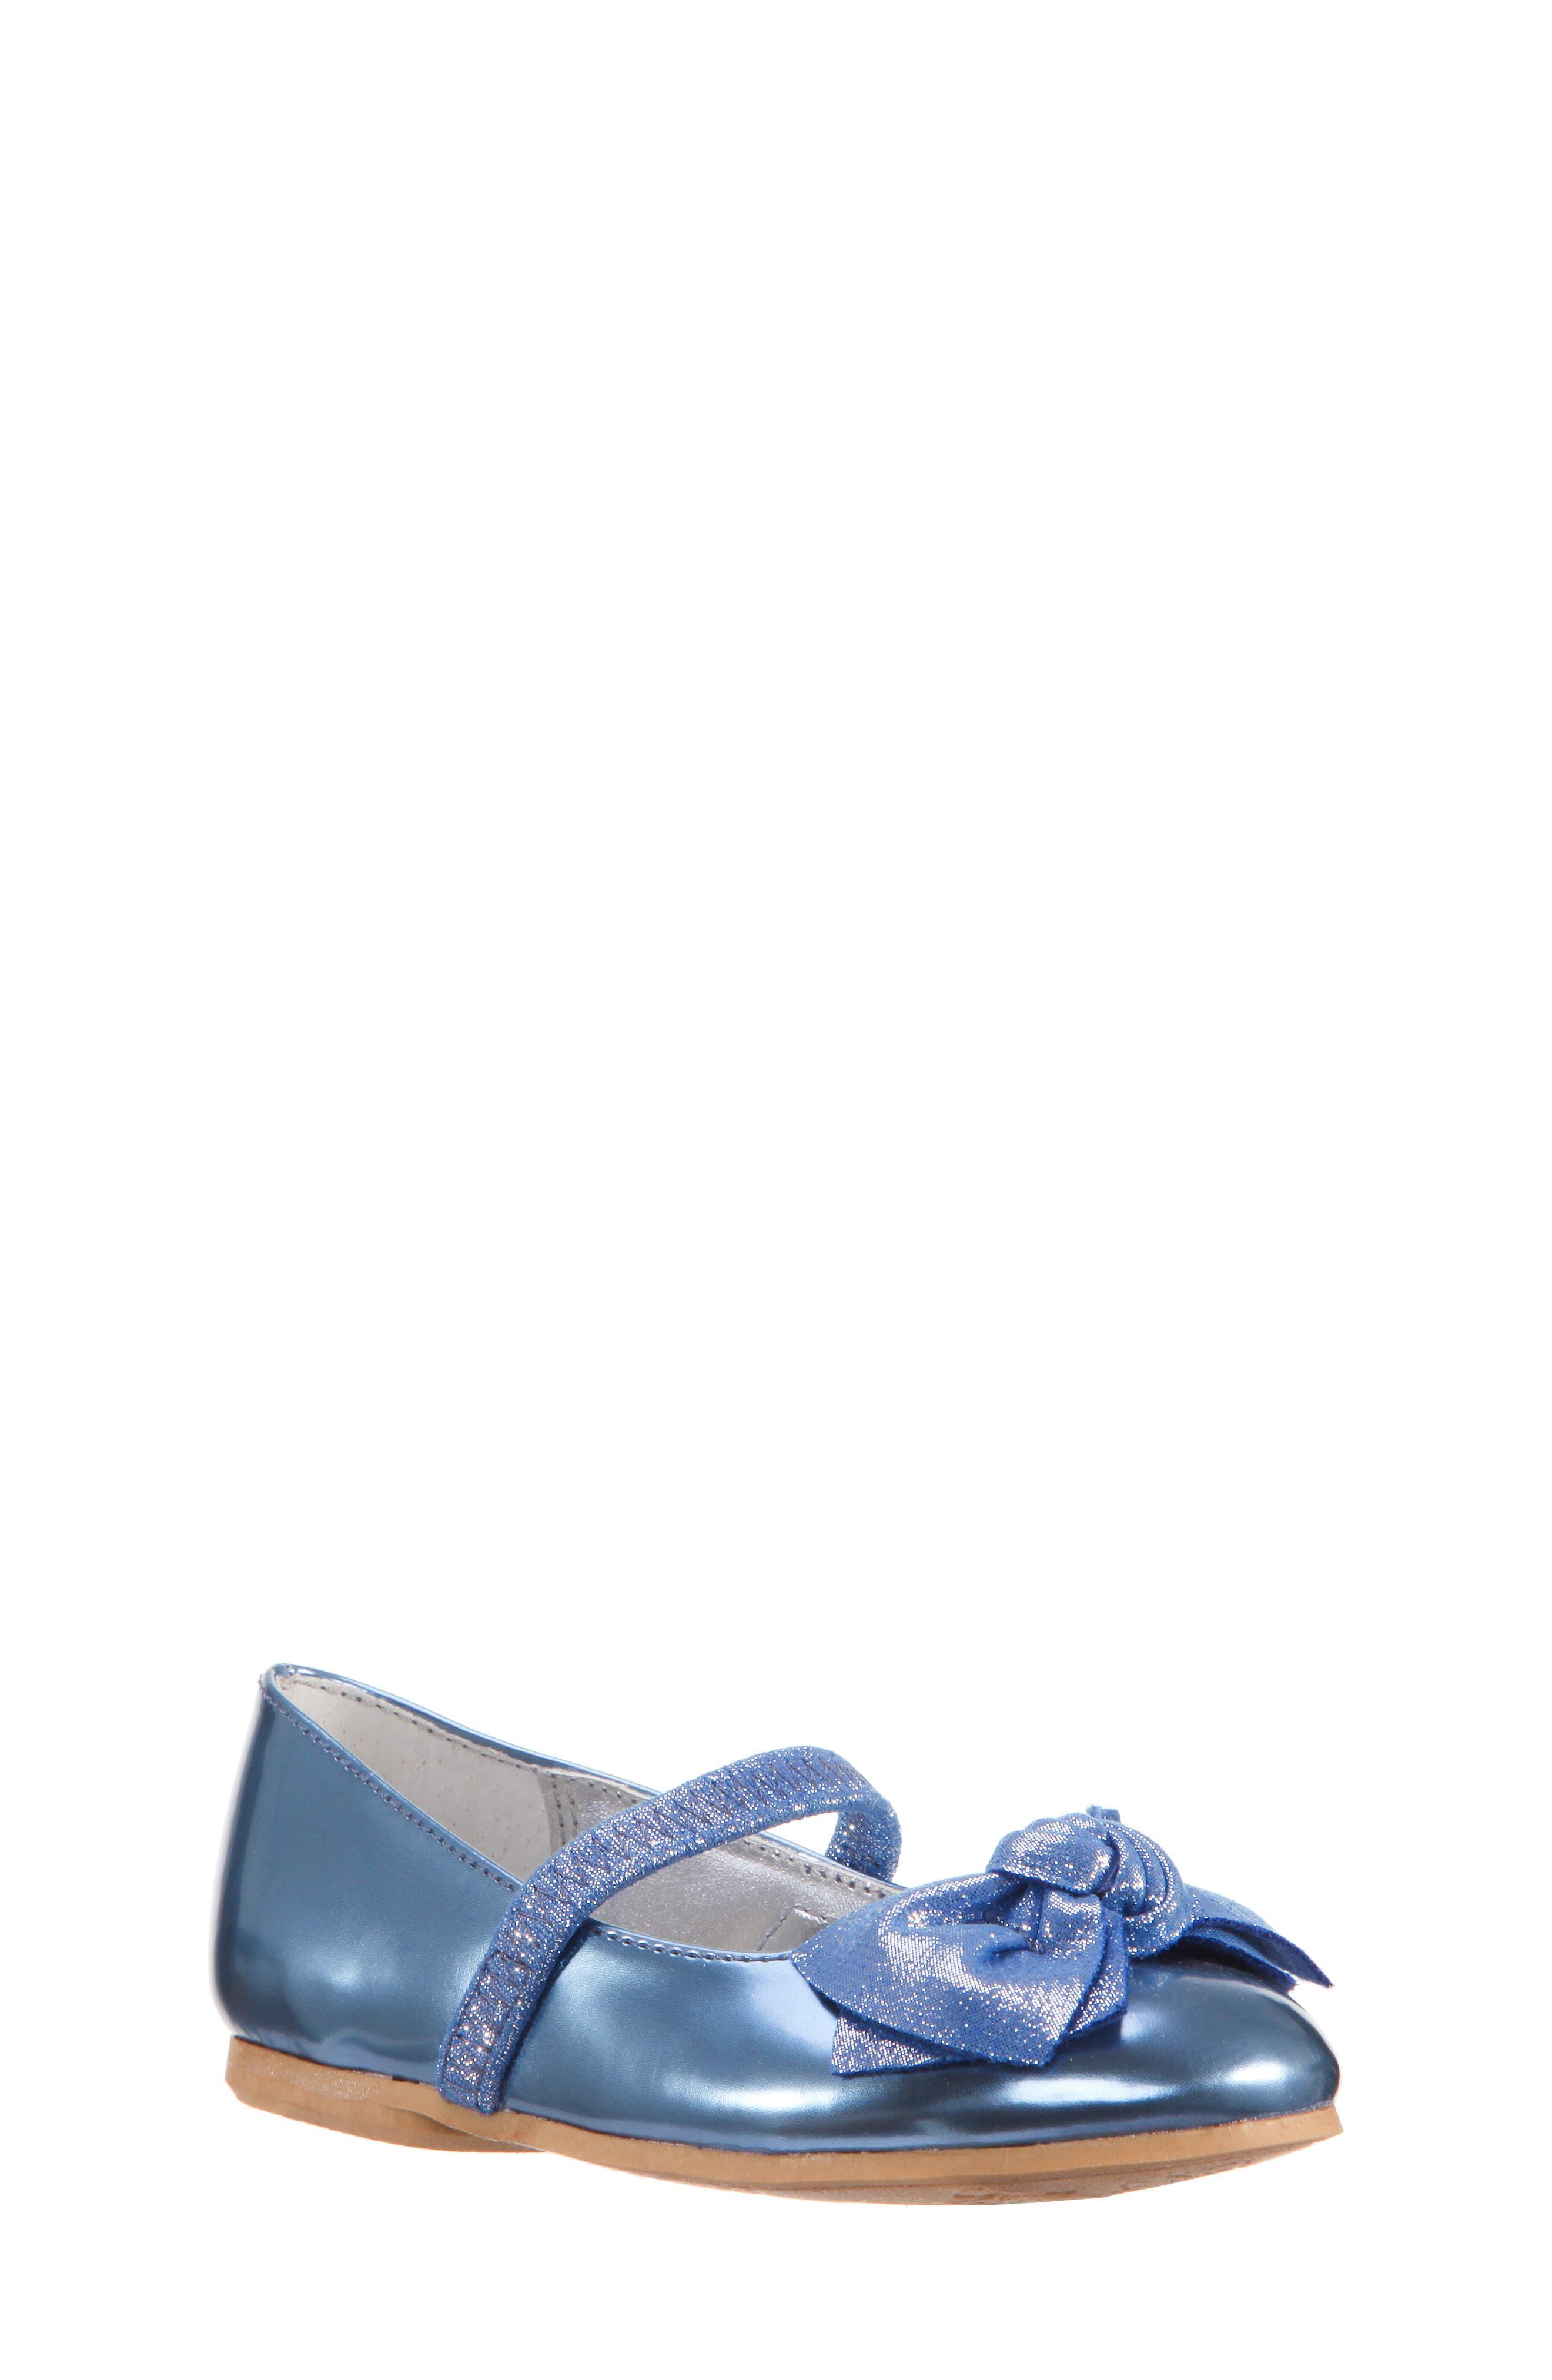 Kaytelyn-T Glitter Bow Ballet Flat,                             Main thumbnail 1, color,                             Blue Mirror Metallic